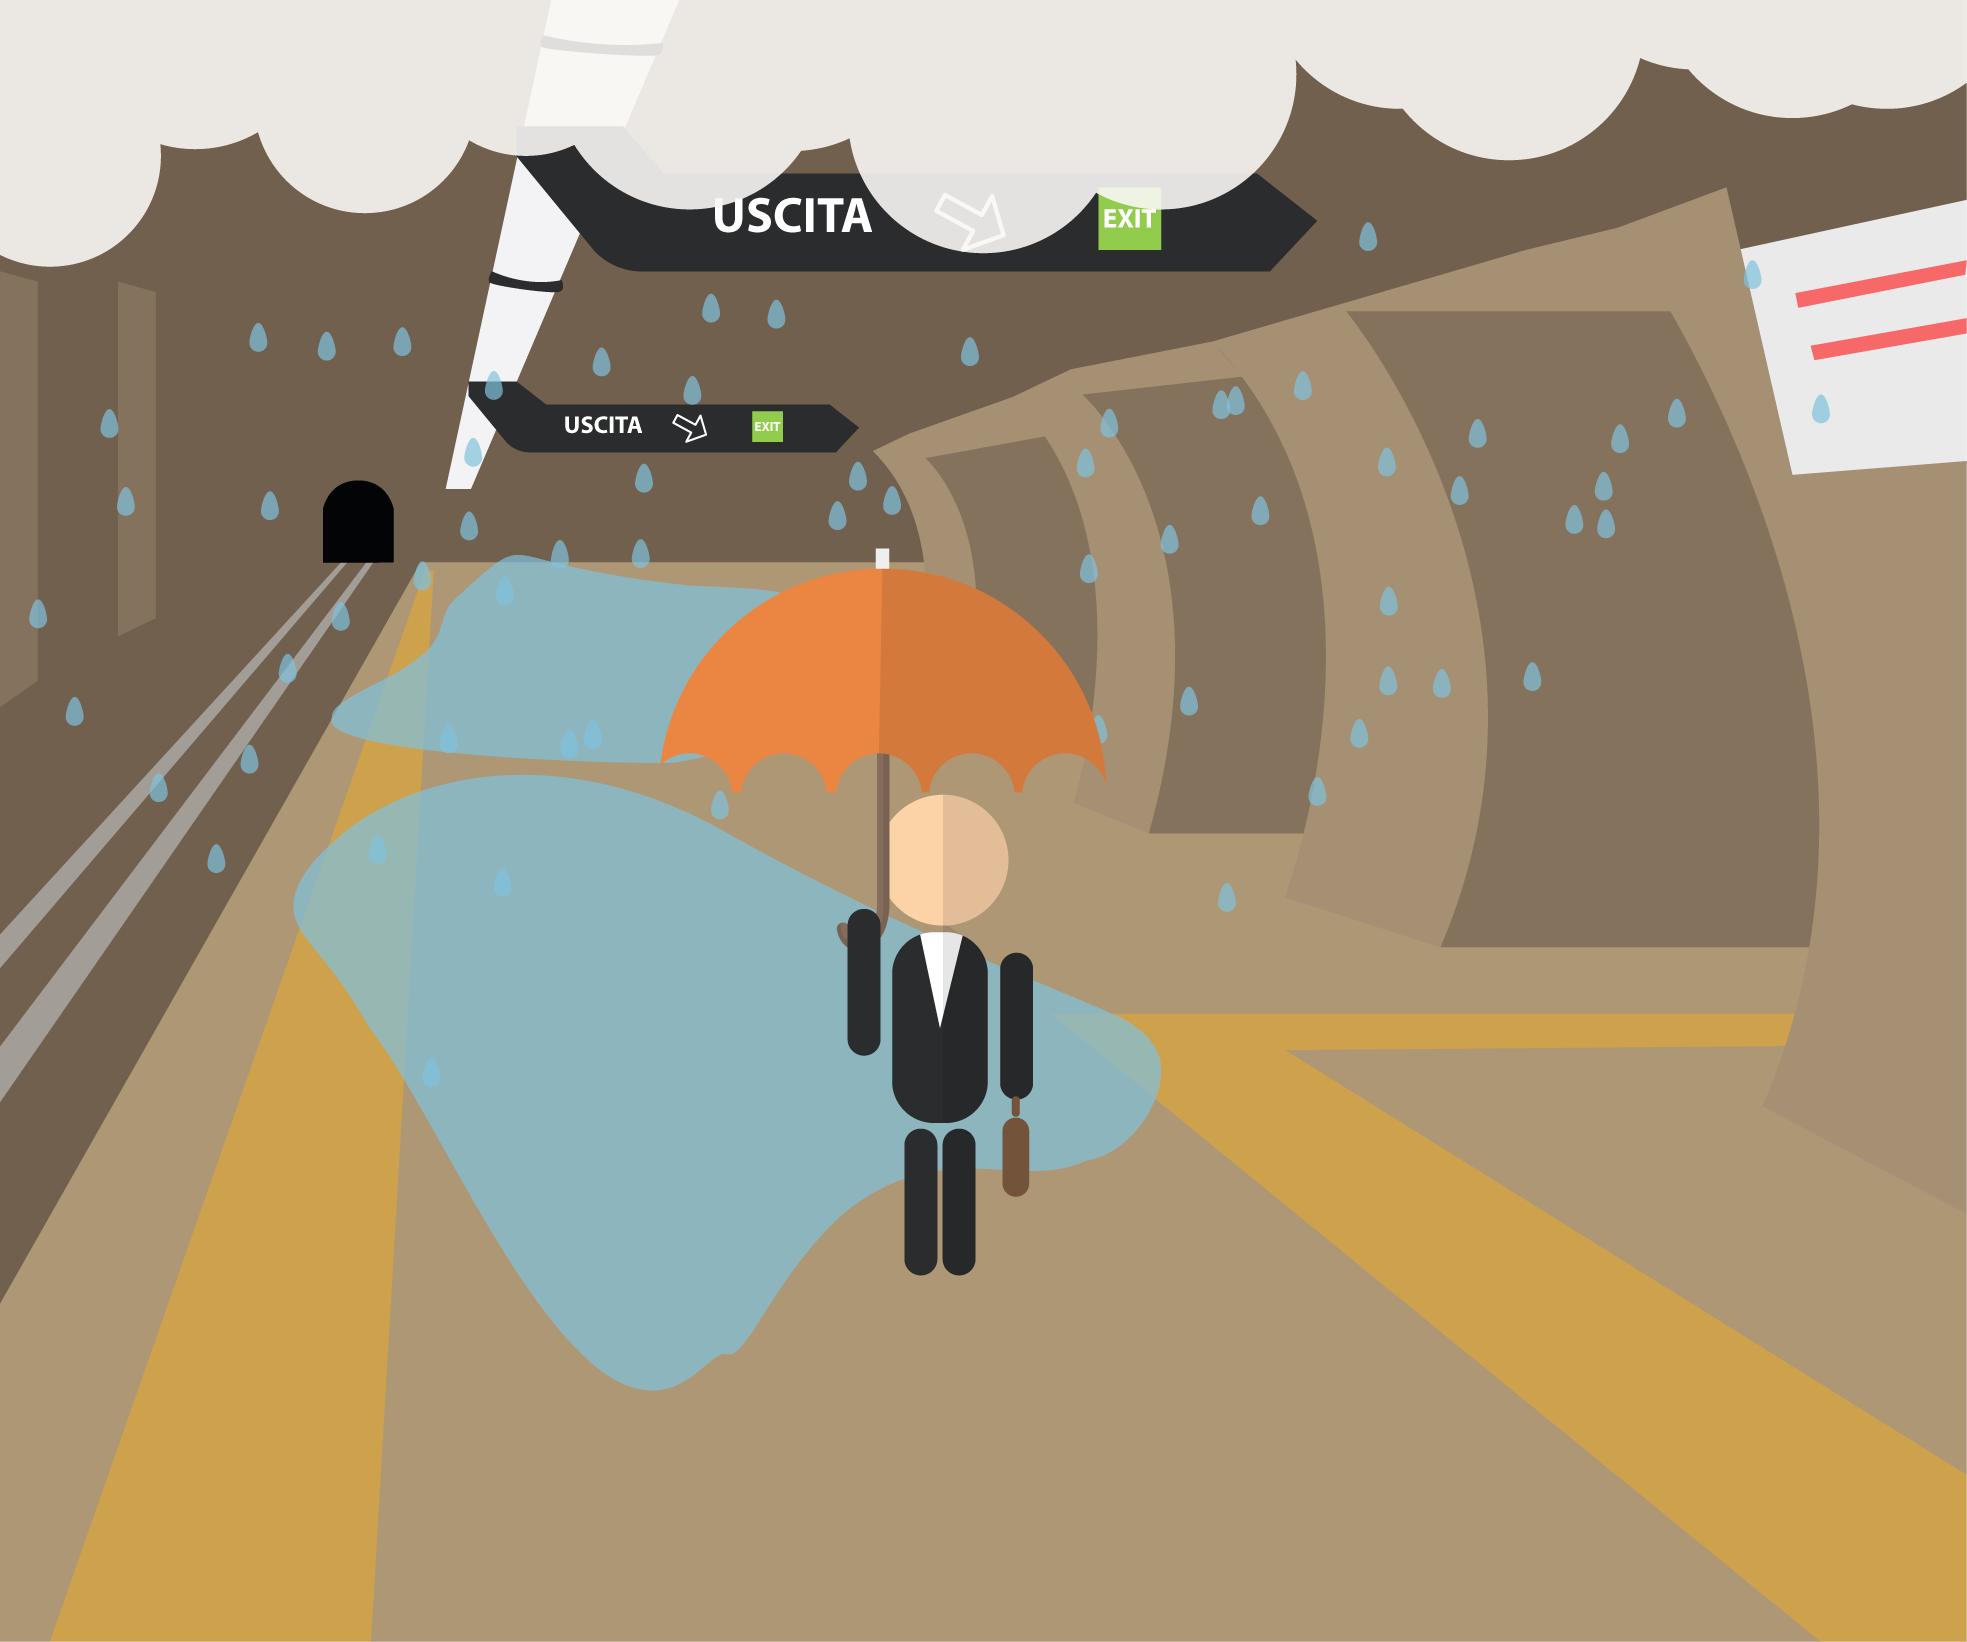 Possibili piogge dentro la stazione metro? RomaBus vi tiene informati e vi evita docce non gradite! ;)